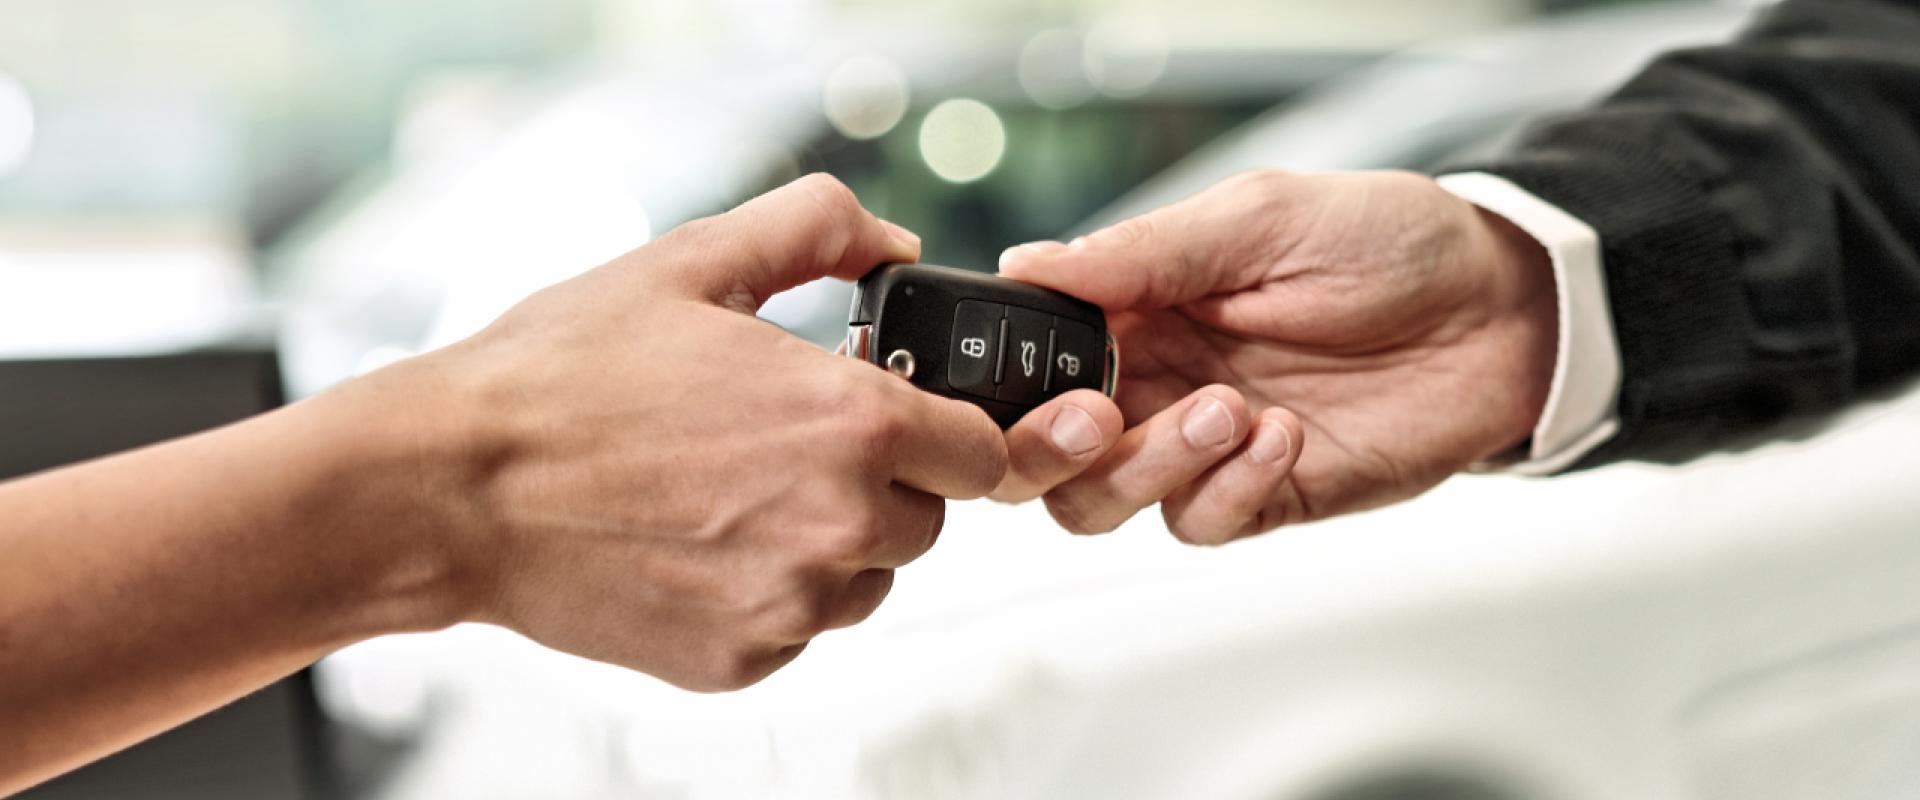 Perhe, äiti isä ja kaksi lasta, saavat auton avaimet automyyjältä.